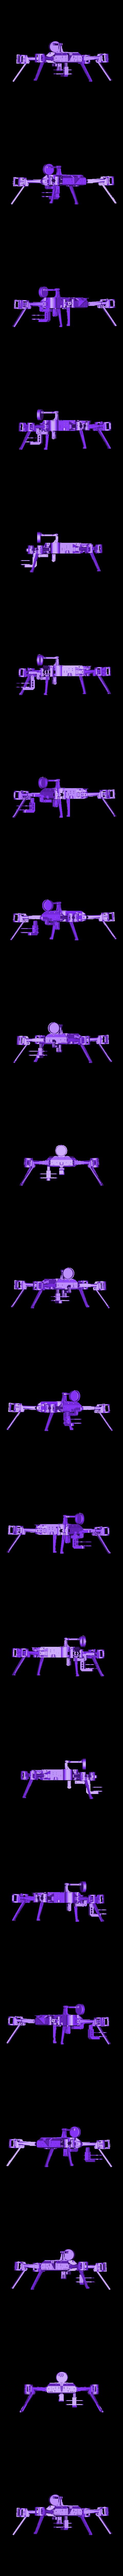 copter assembly.STL Download STL file Folding Quadcopter 450 Frame • 3D print object, AleksandrDolzhenko